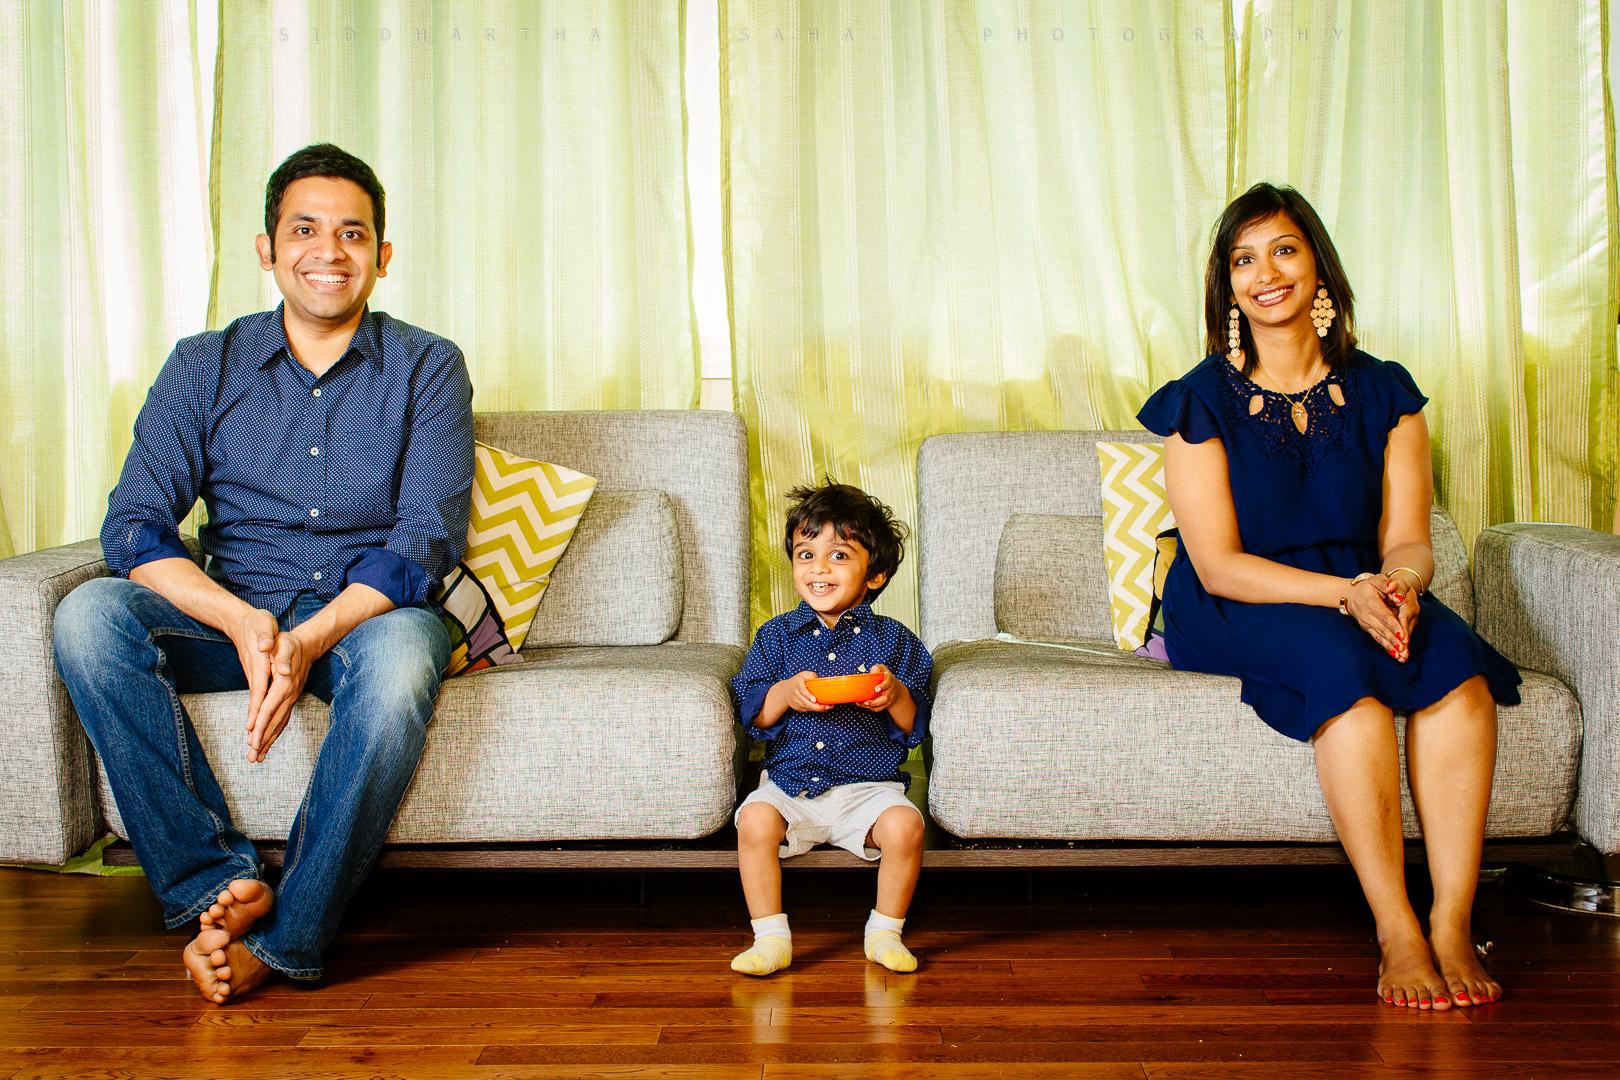 2015-06-14 - Ranjani Naveen Vihaan Photoshoot - _05Y6834